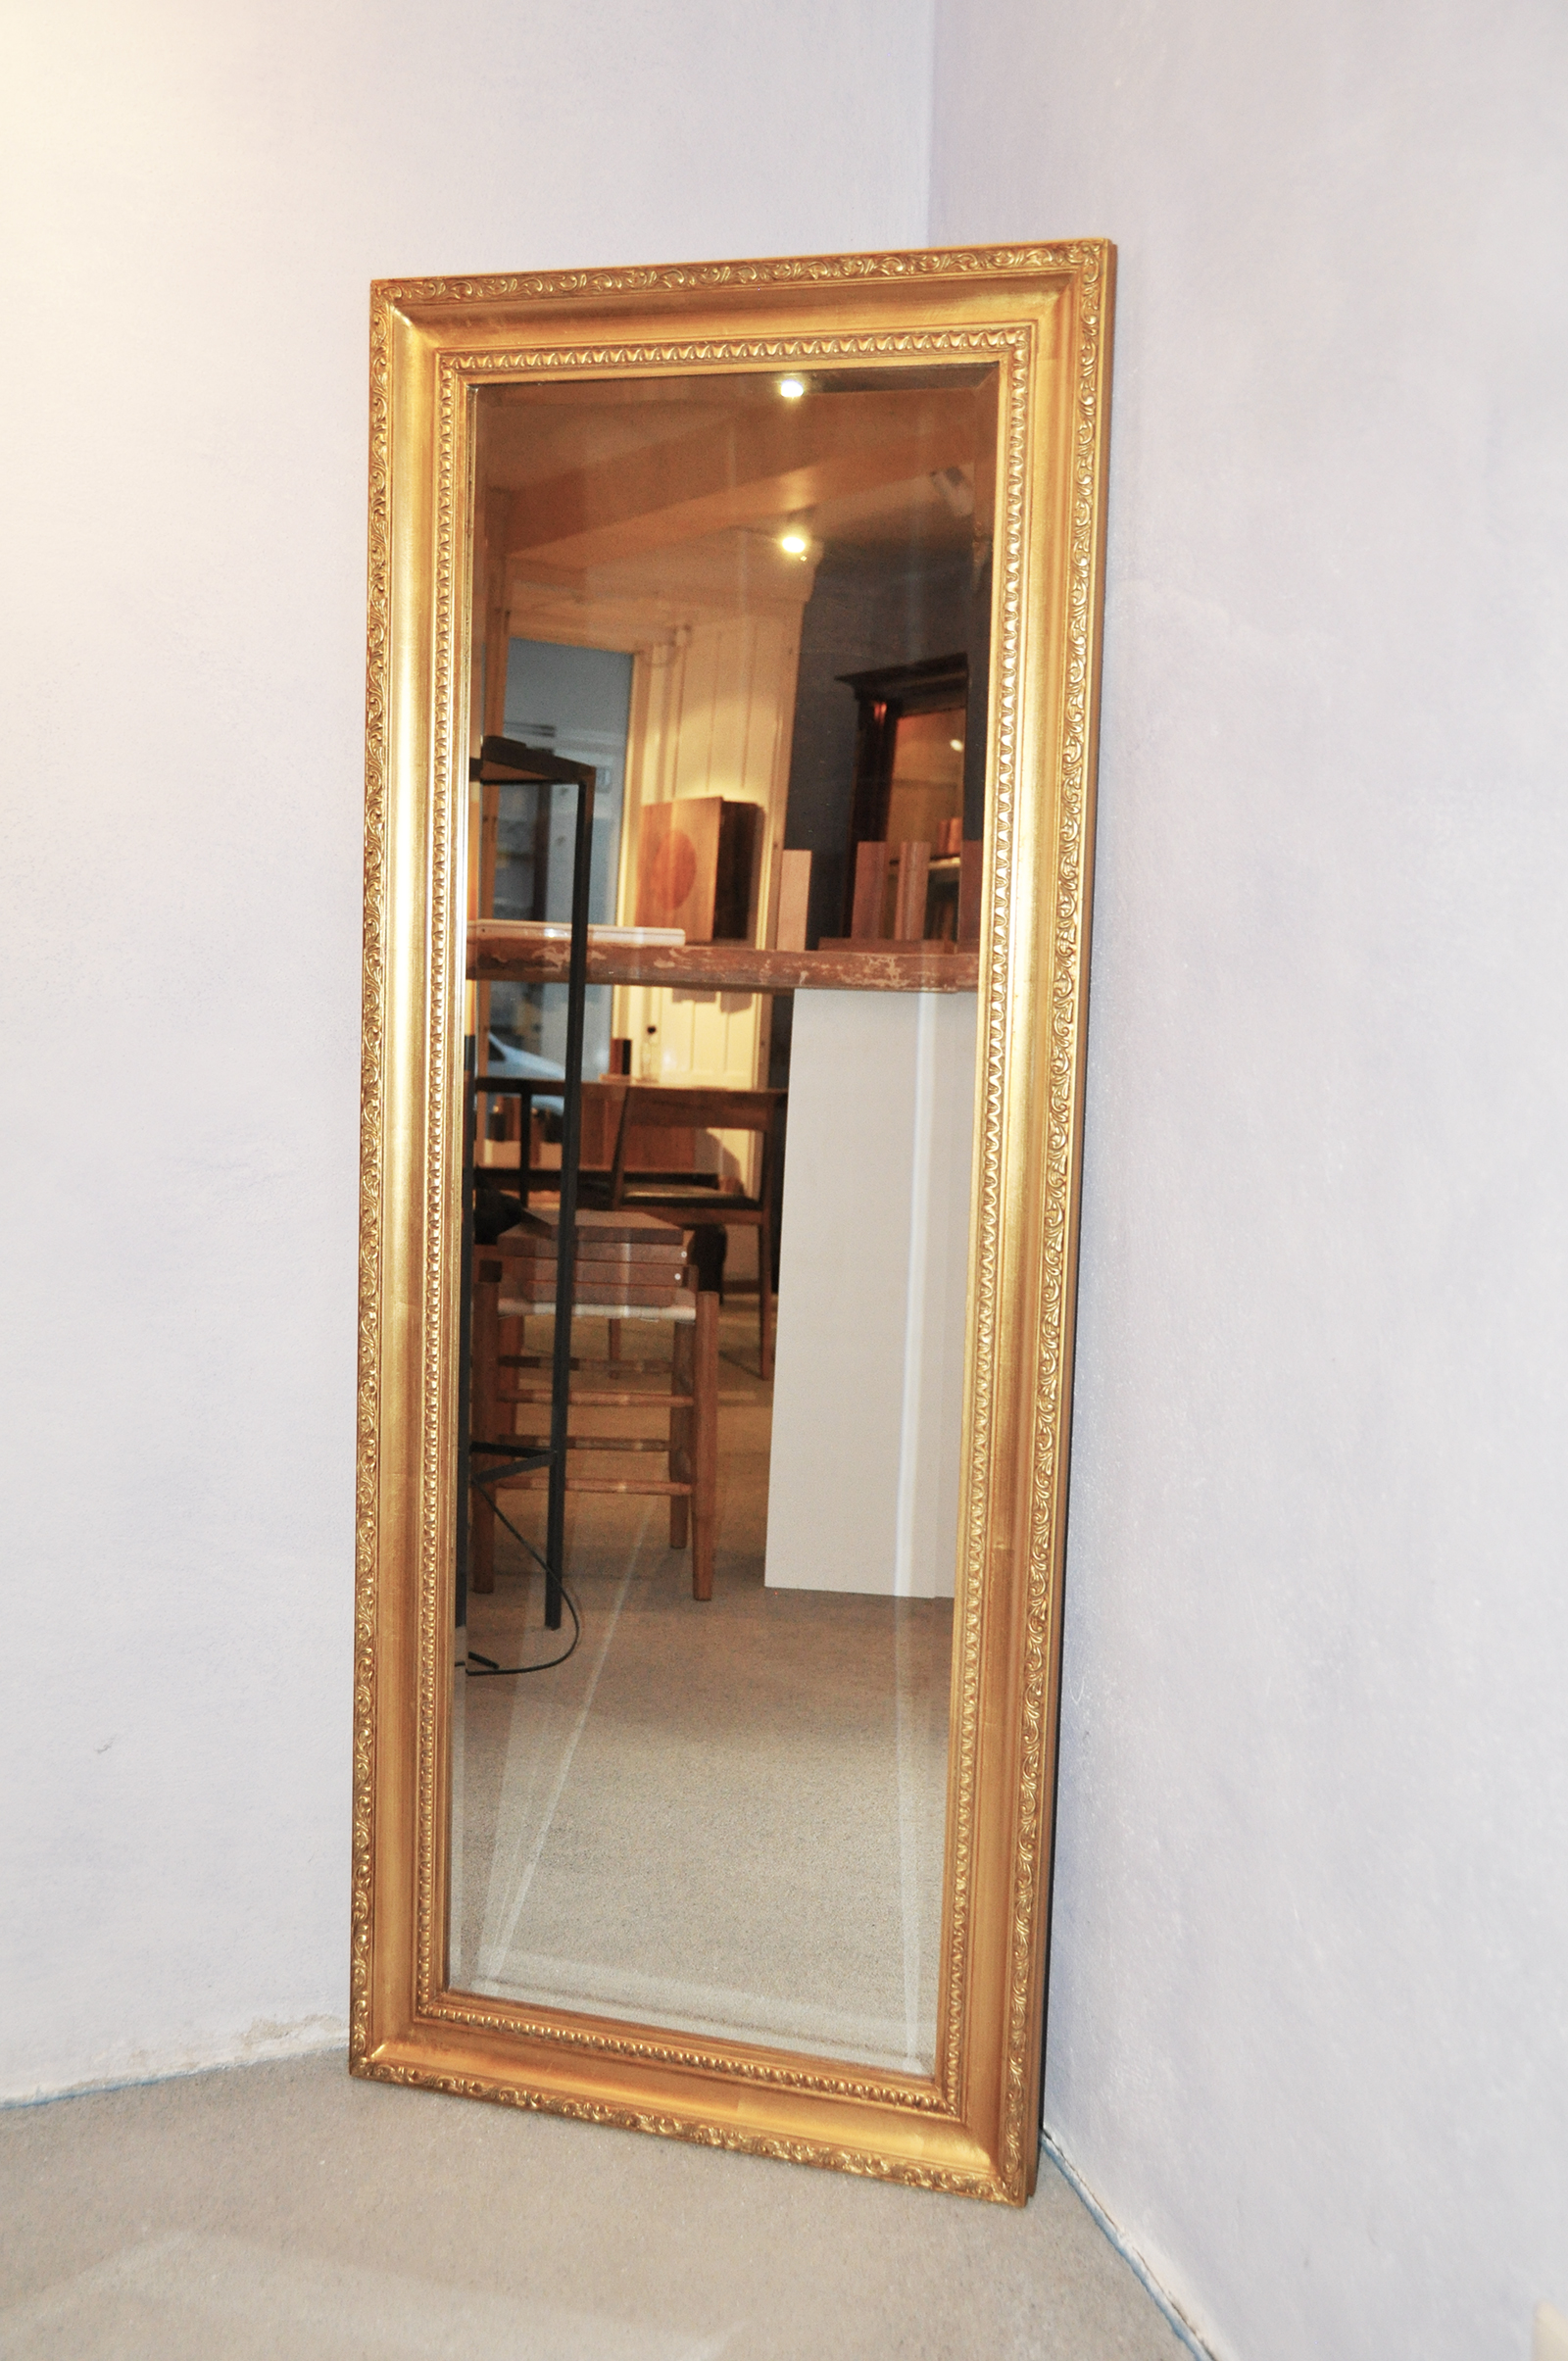 Wandspiegel antik goldspiegel stilspiegel 134x54cm gold for Spiegel mit bildschirm